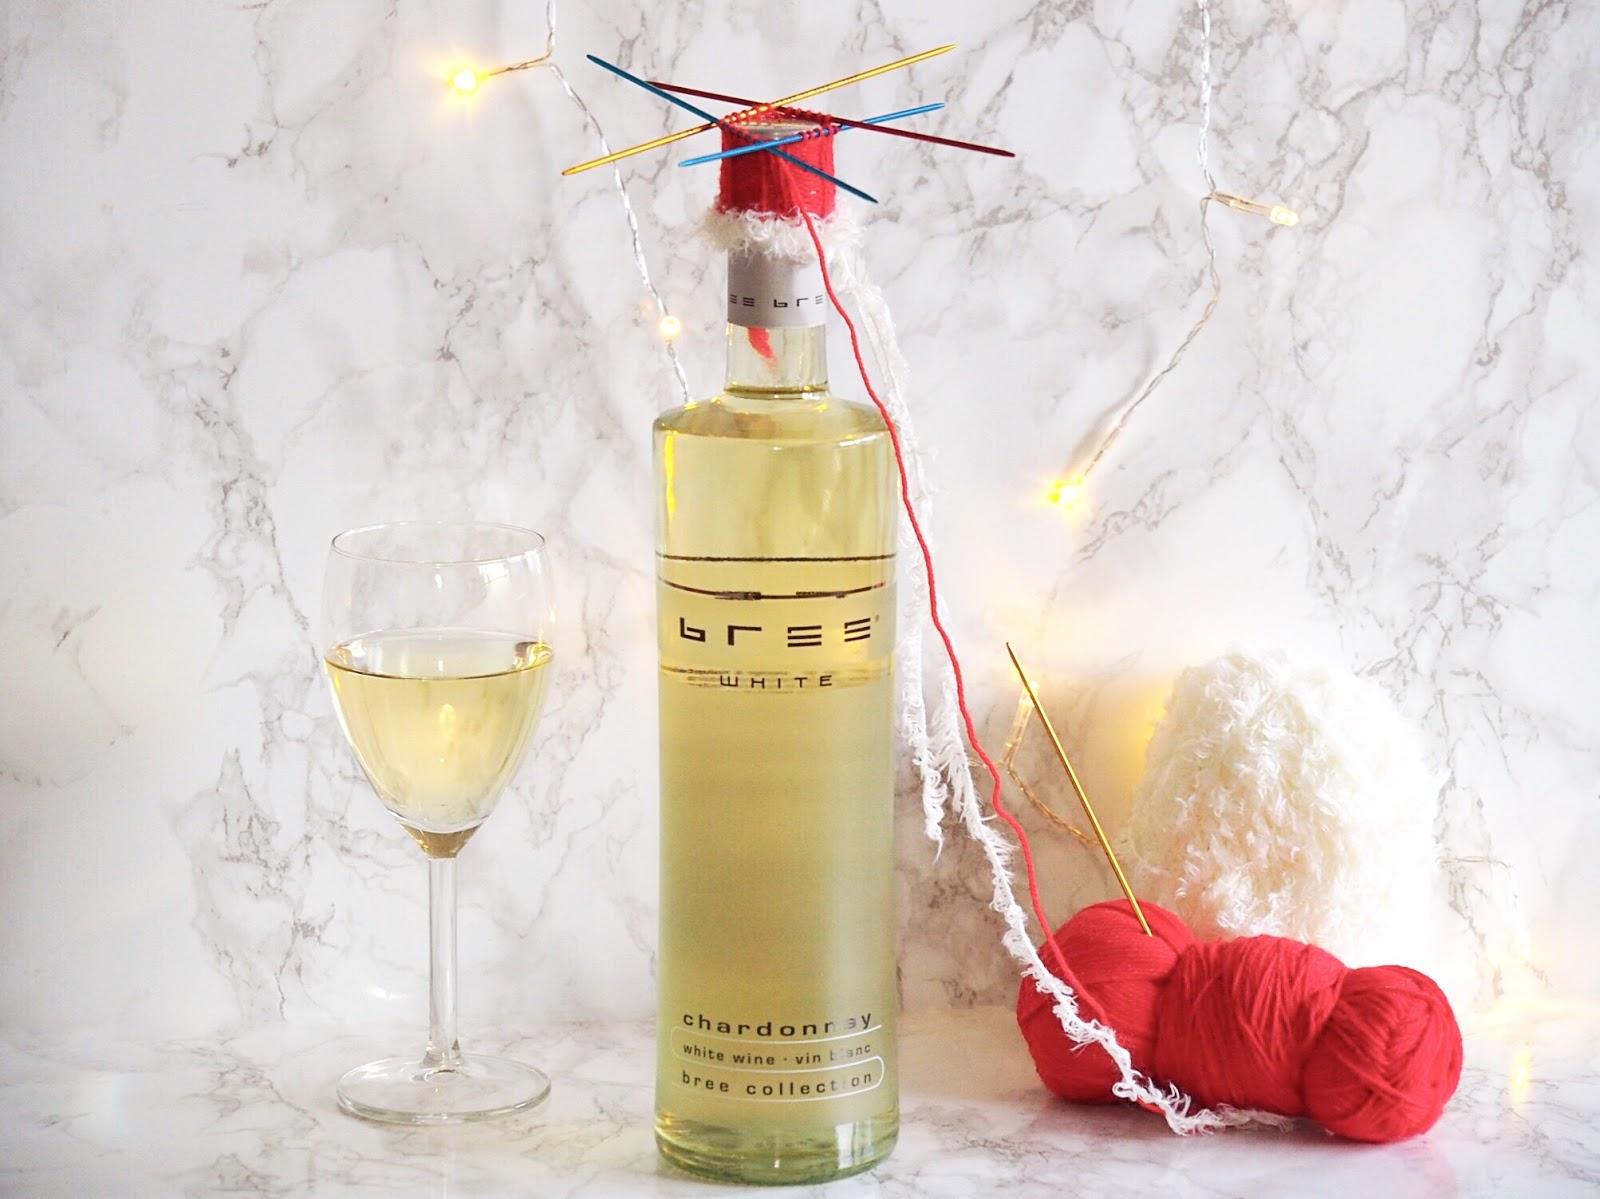 Weihnachtliche Verpackung für Bree Wein stricken